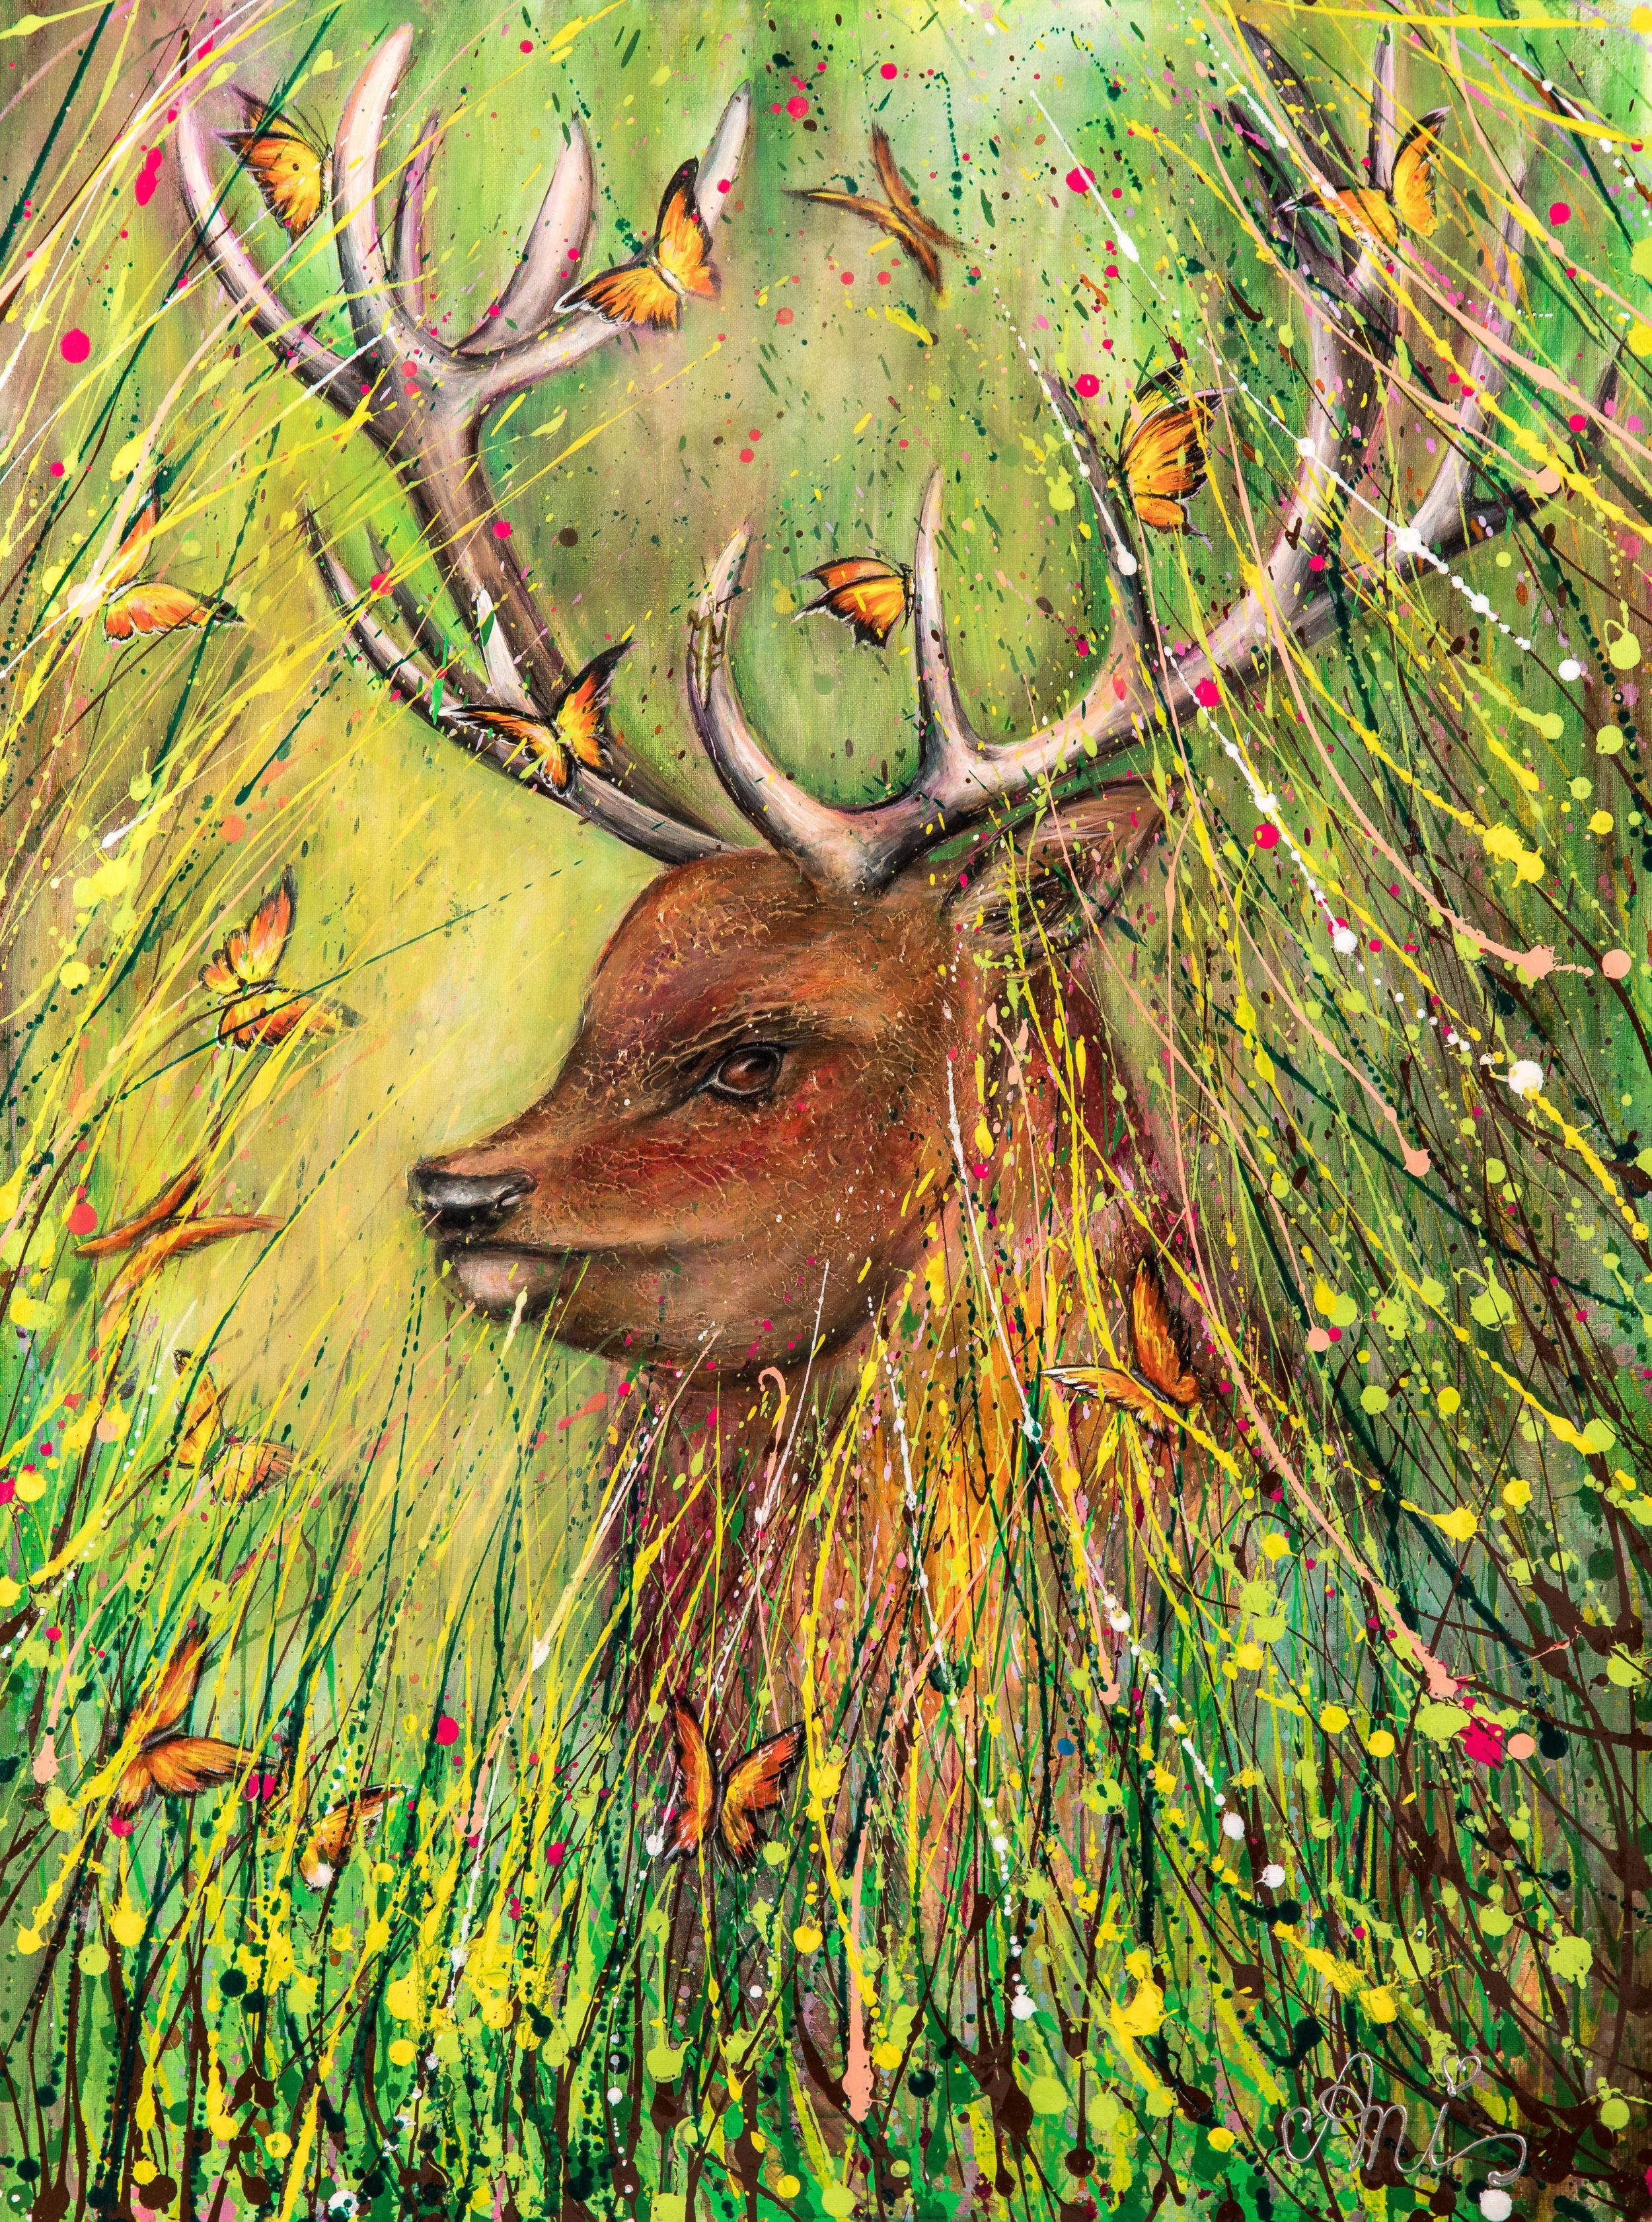 Le Renne de la forêt:  Peinture acrylique sur toile 3D, 100cm x 75cm  Prix: 250€ + frais de livraison